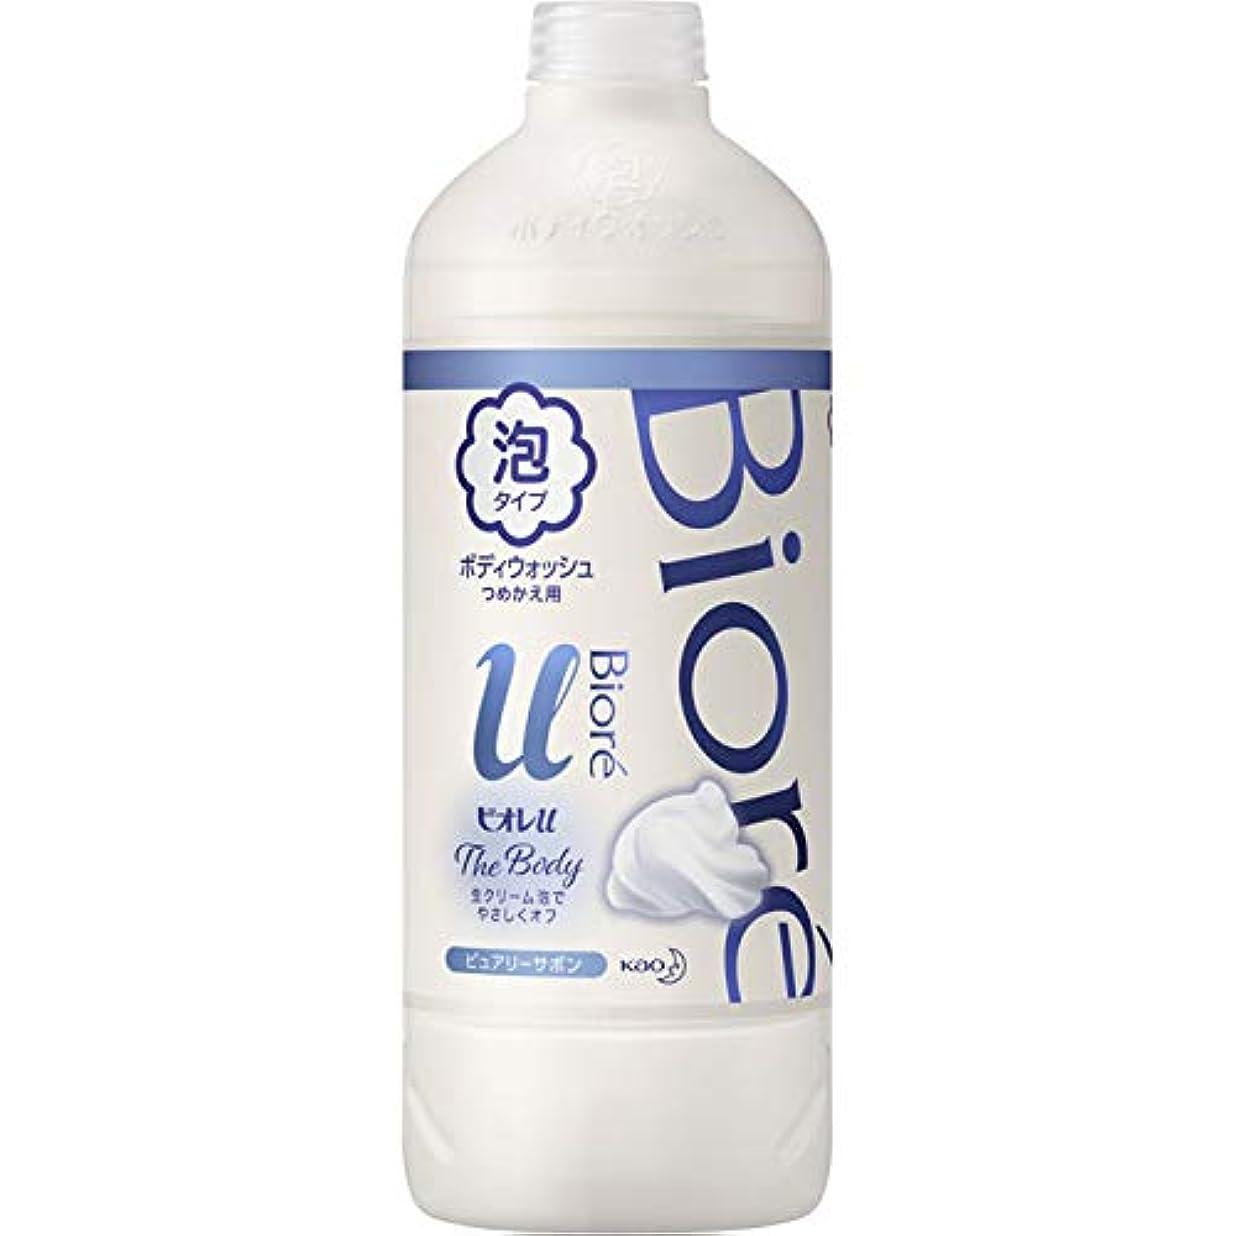 調停するマーカーマンハッタン花王 ビオレu ザ ボディ泡ピュアリーサボンの香り 詰替え用 450ml